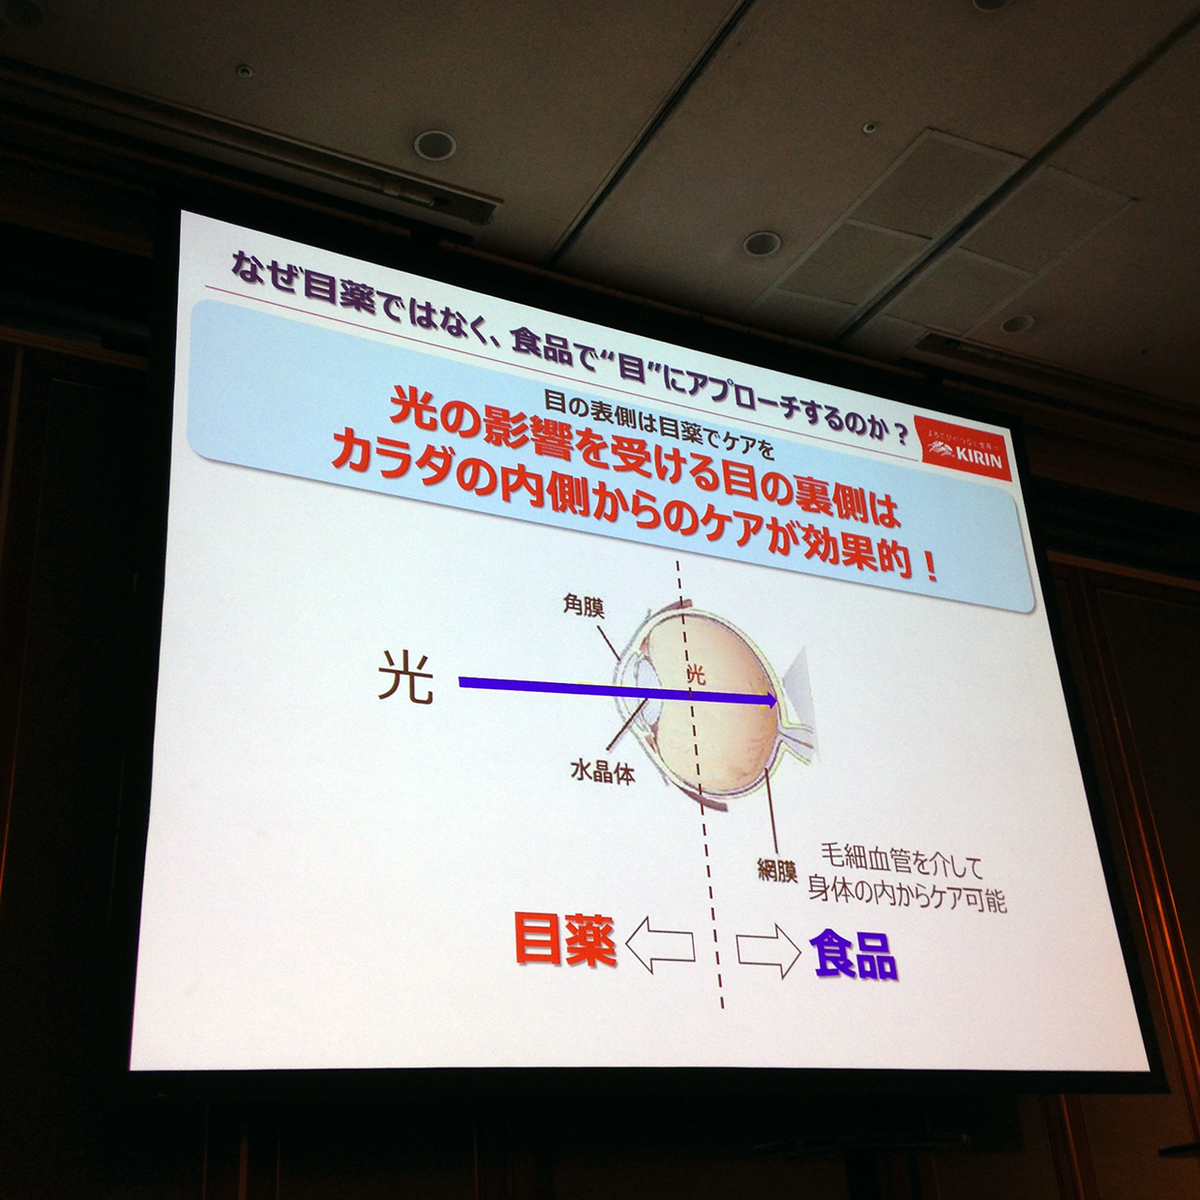 f:id:kanechan_japan:20191204225856j:plain